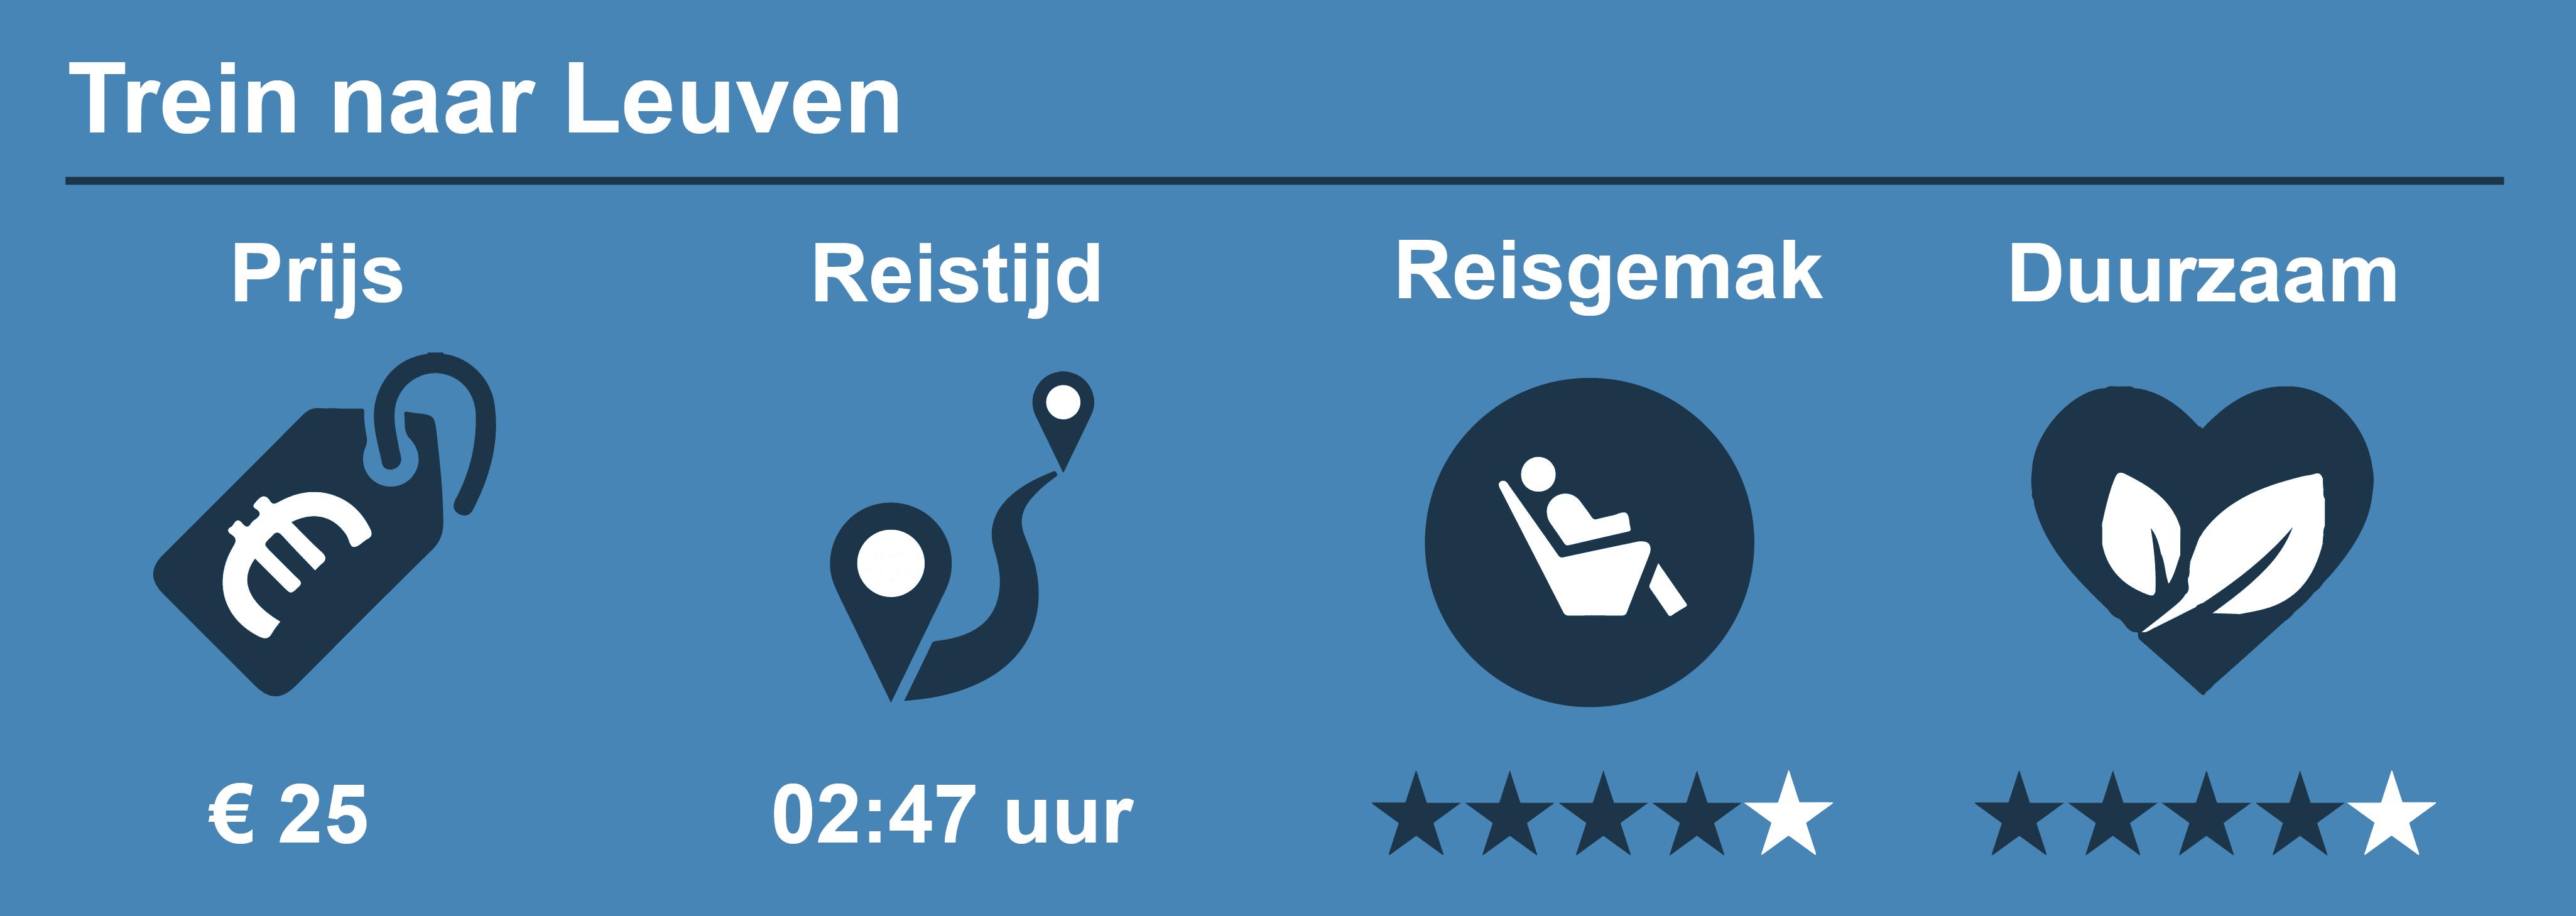 Reisinformatie trein Leuven